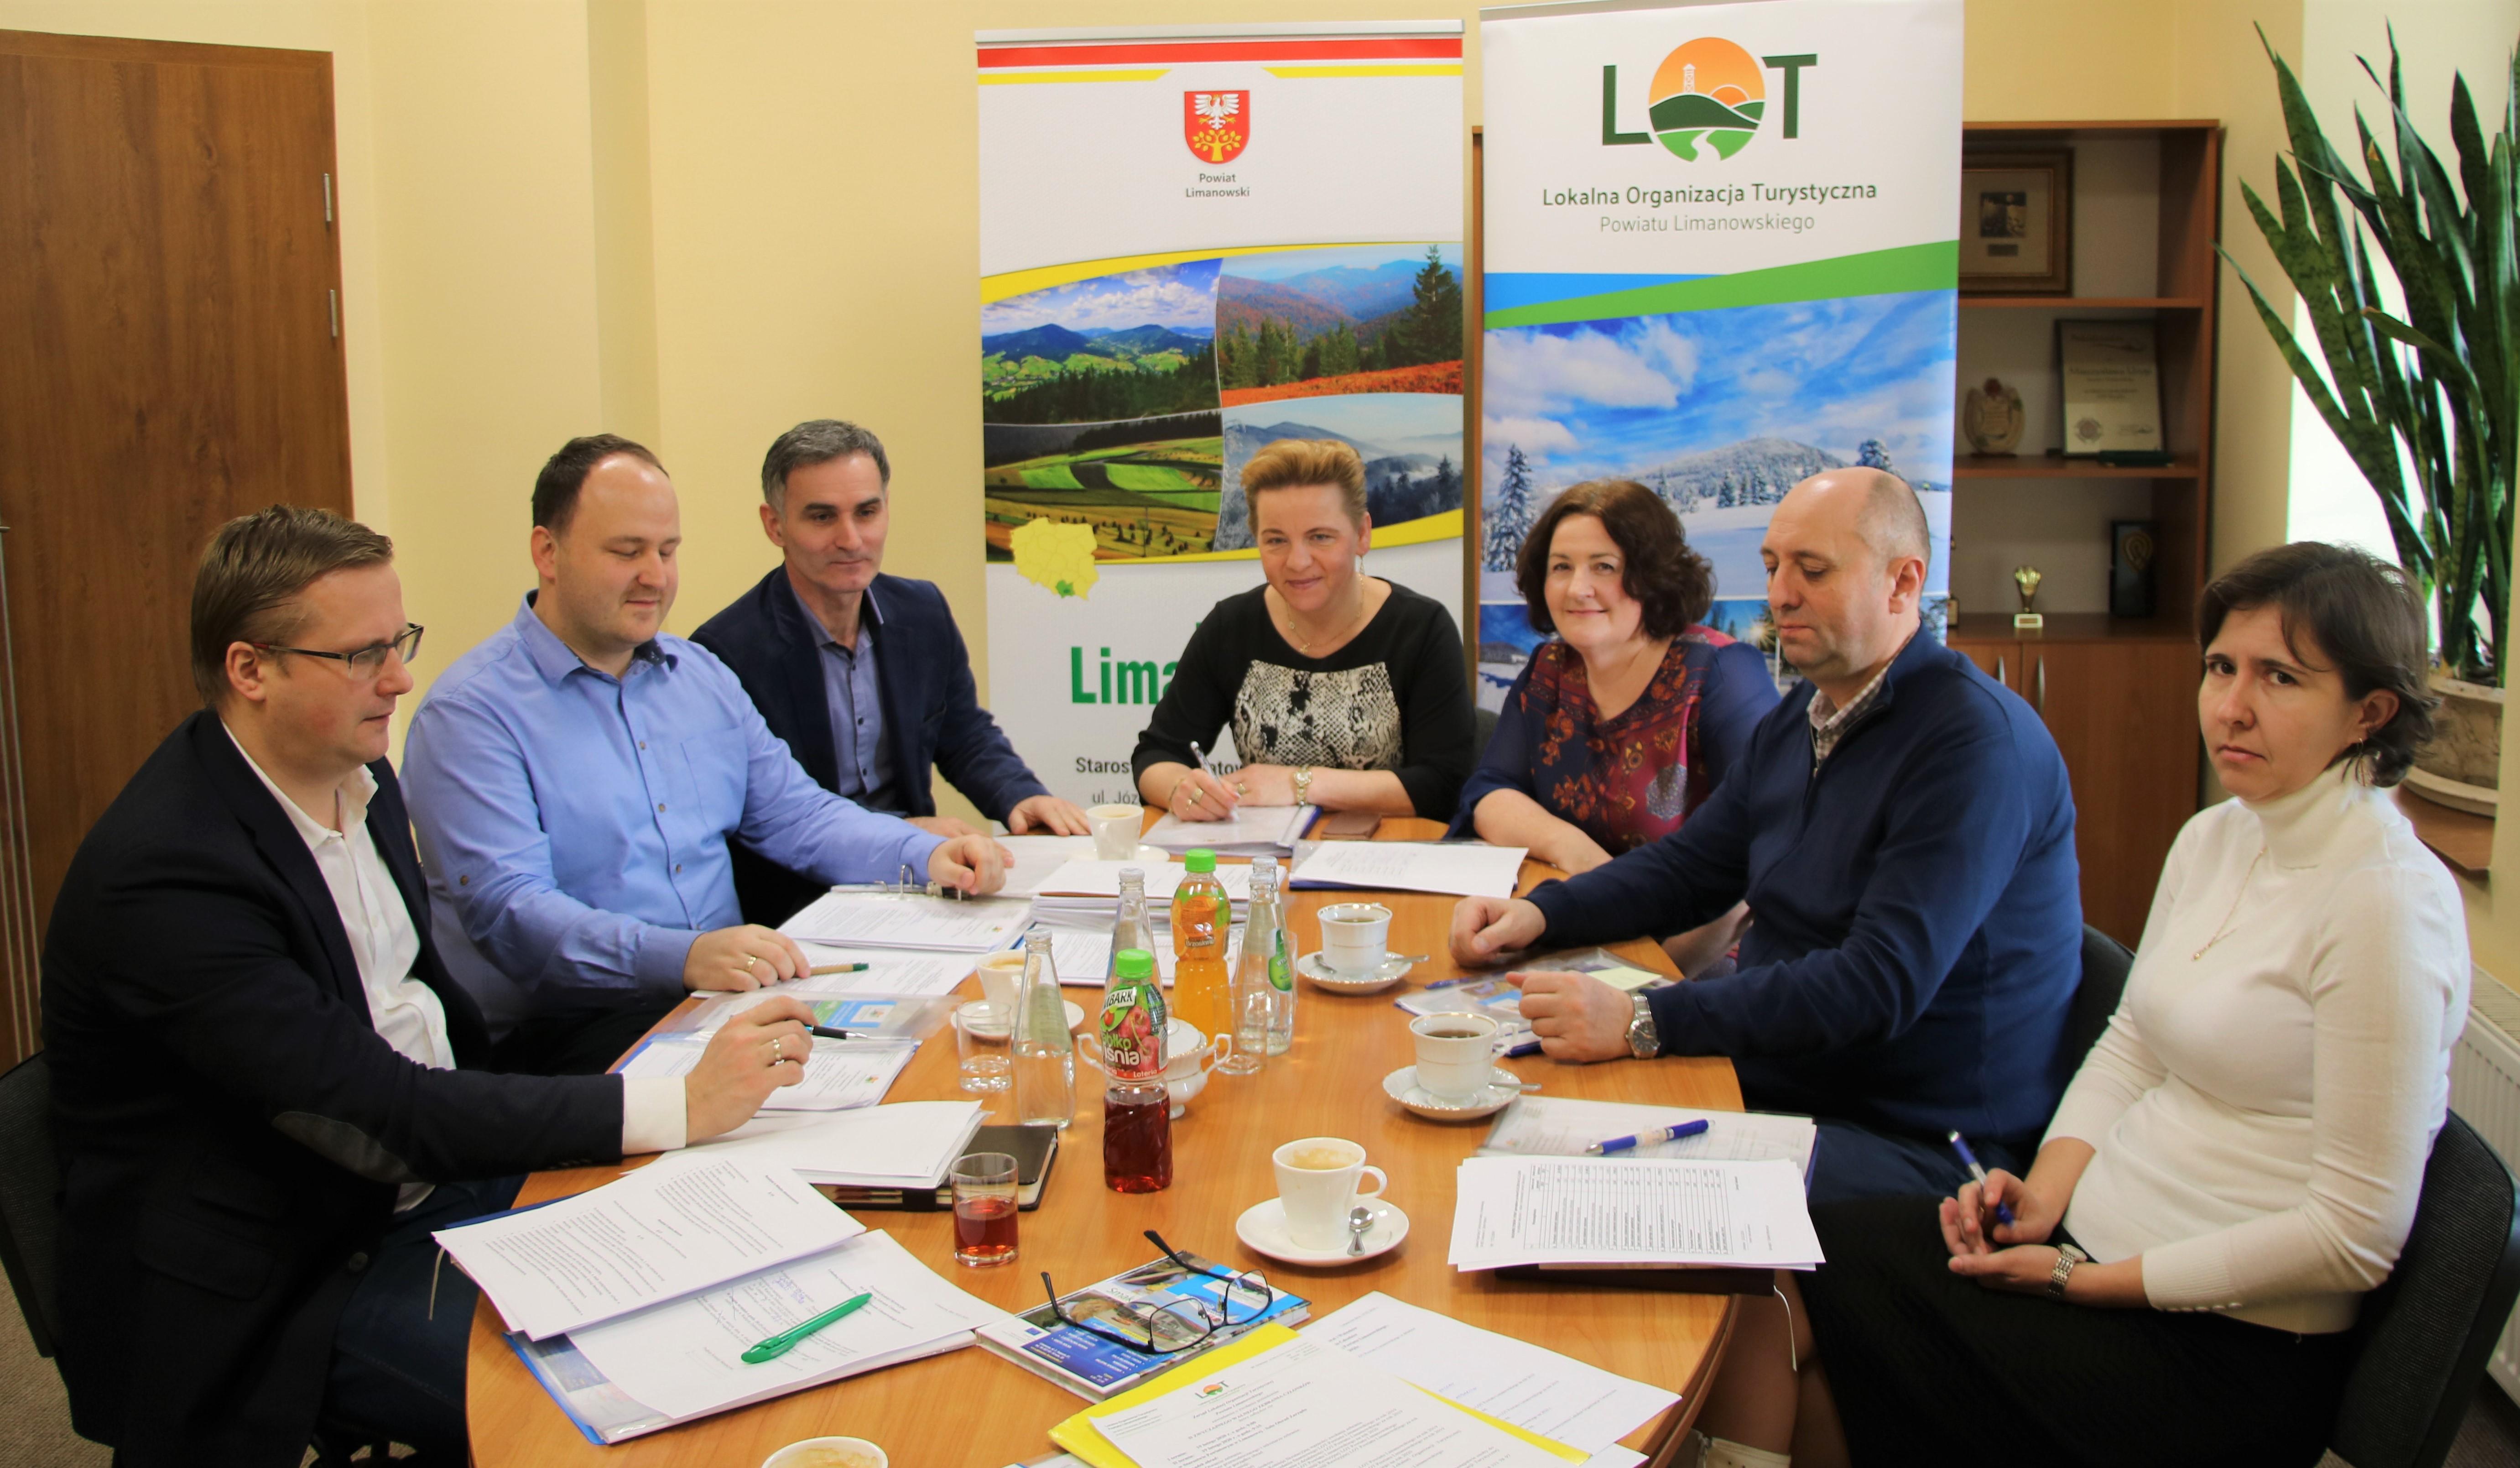 II Walne Zebranie Członków Lokalnej Organizacji Turystycznej Powiatu Limanowskiego;